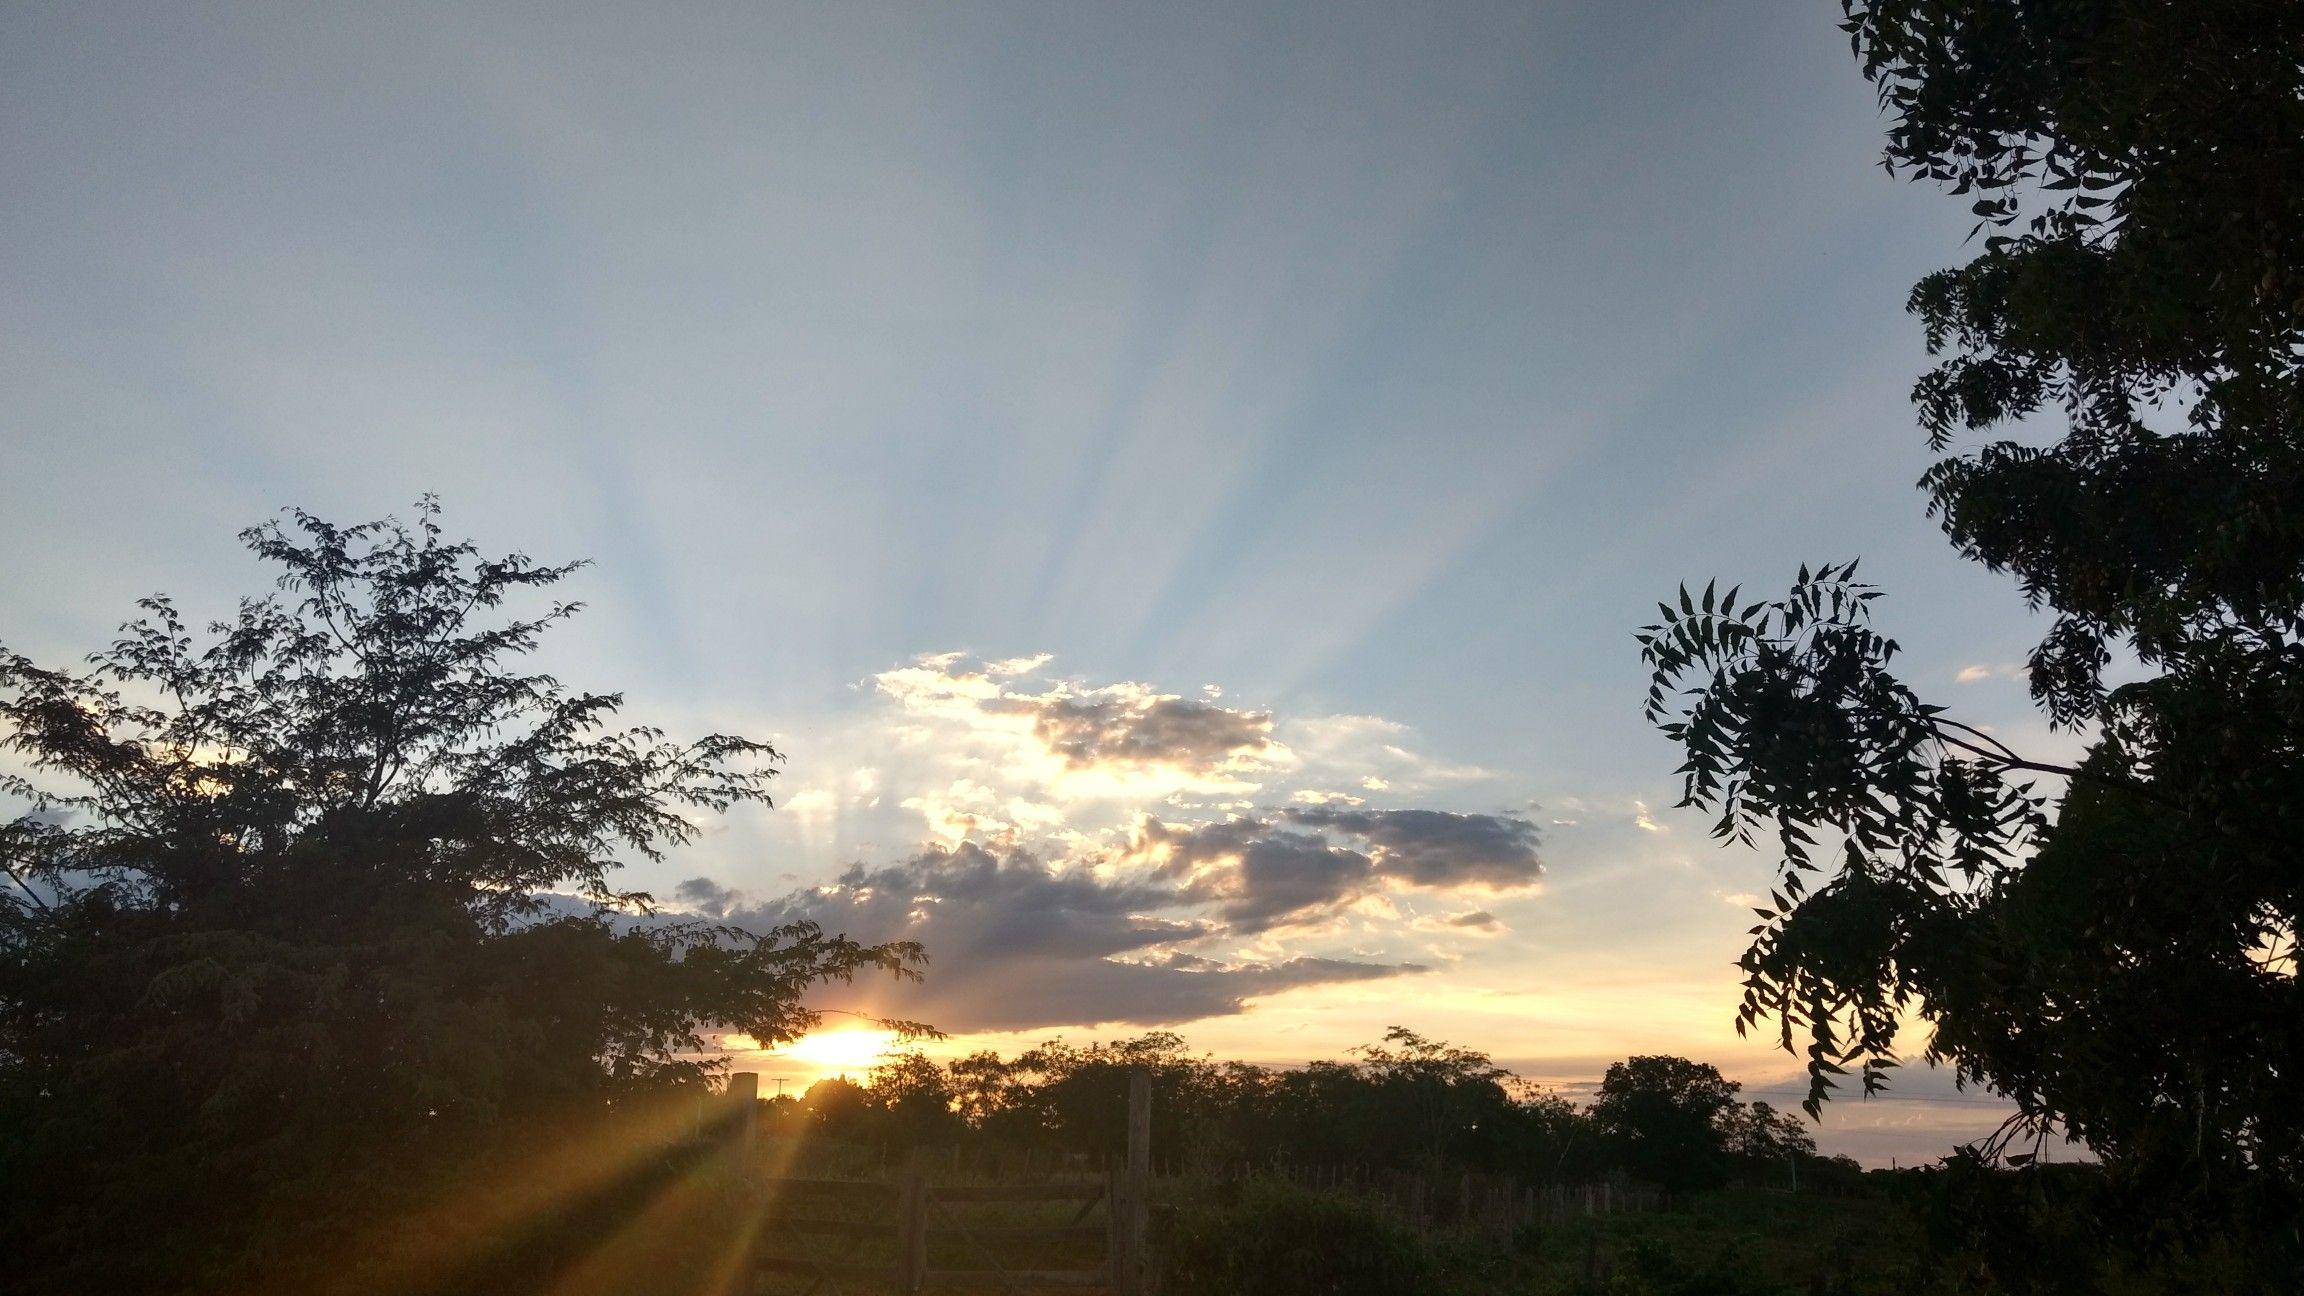 Do nascer ao pôr do sol, um dia após o outro... Sejas louvado!